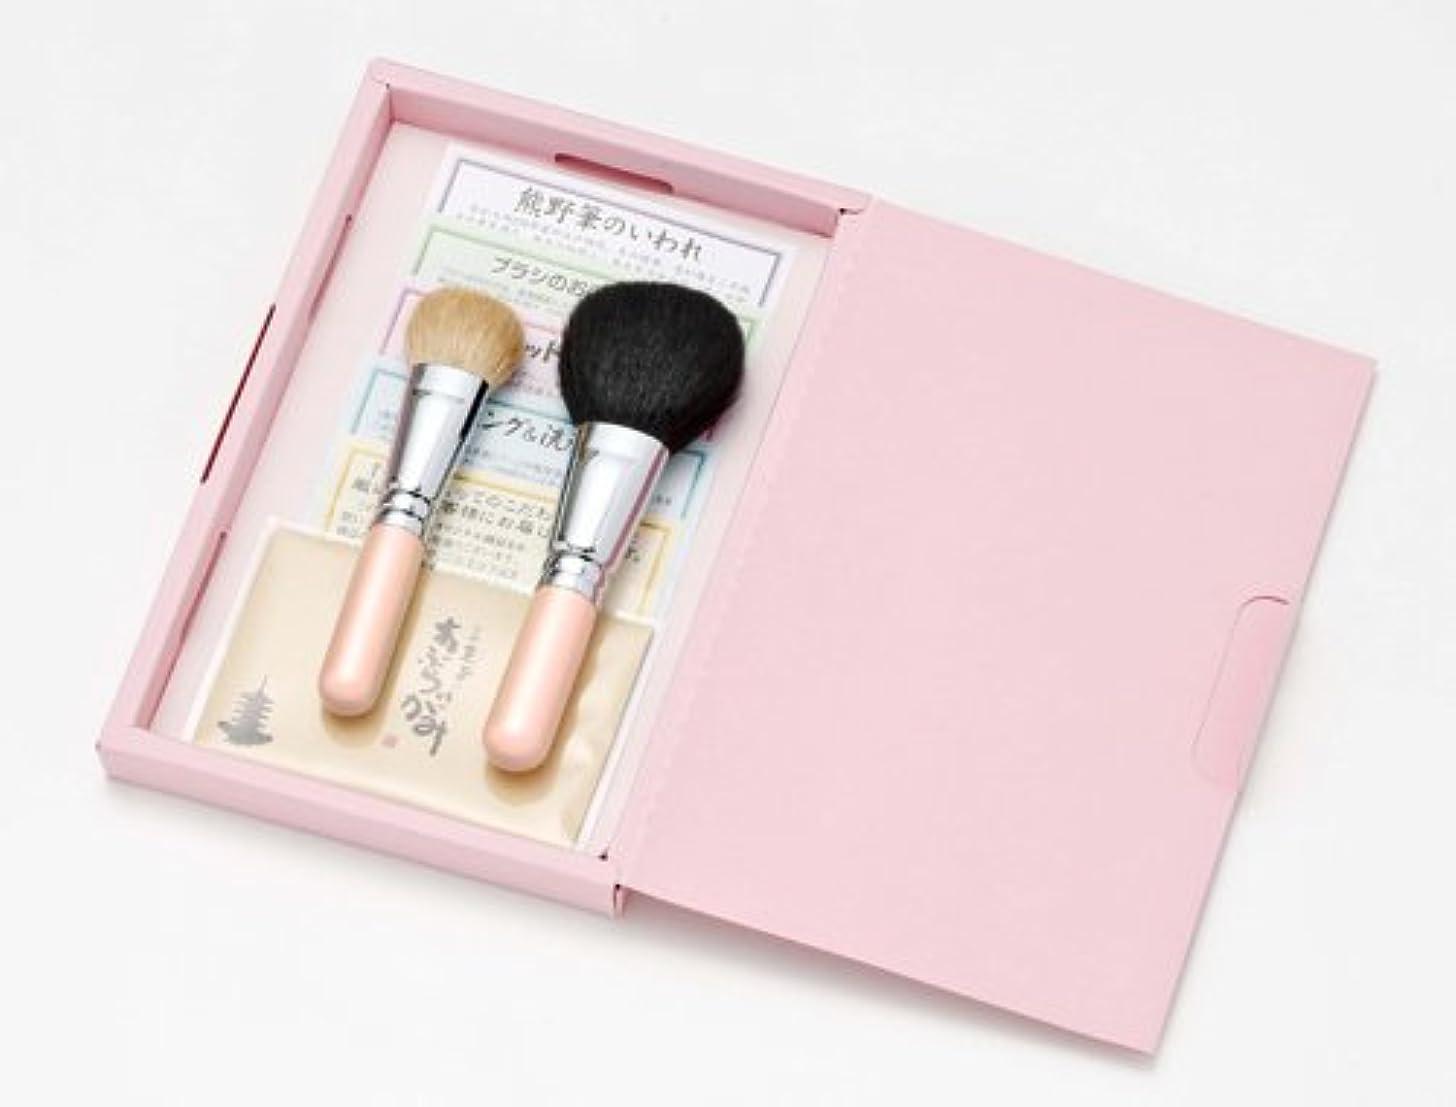 祈り紫のお誕生日広島熊野筆 クリスタルピンク メイクブラシ ギフトセット №9